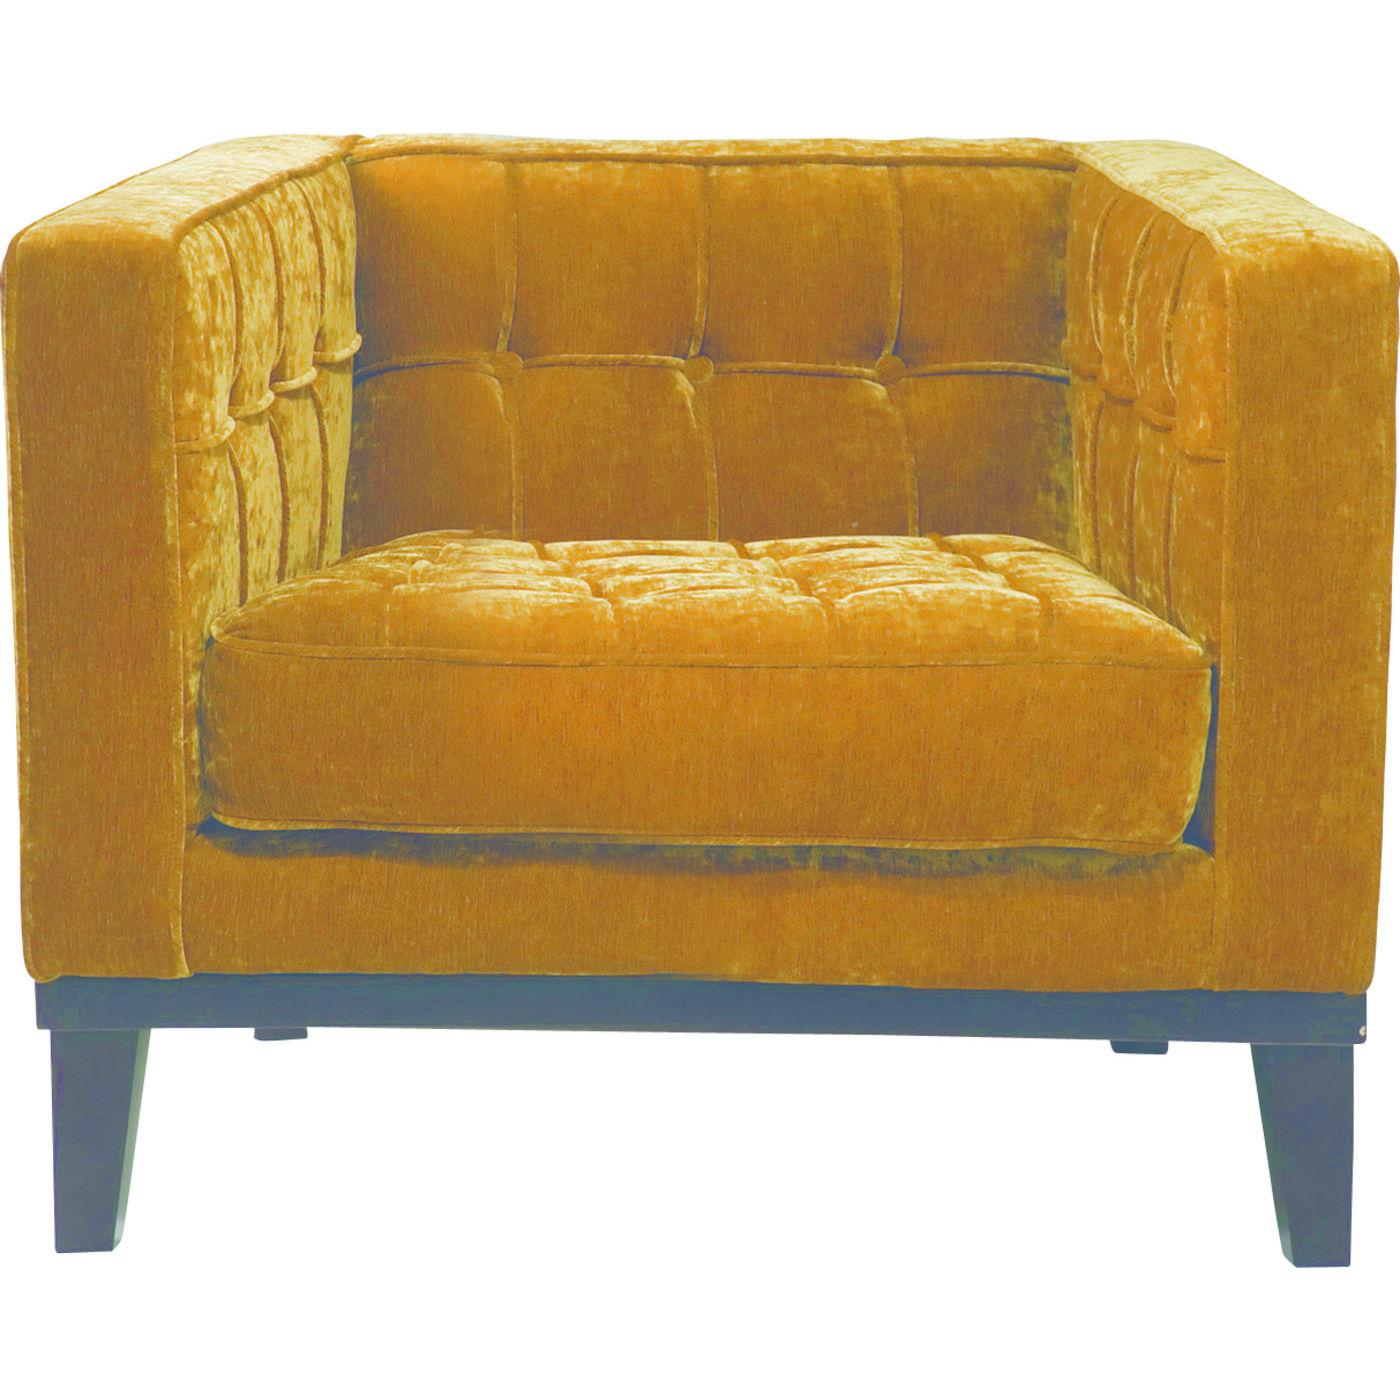 sessel polsterstuhl fernsehsessel relax lounge mirage neu kare design ebay. Black Bedroom Furniture Sets. Home Design Ideas